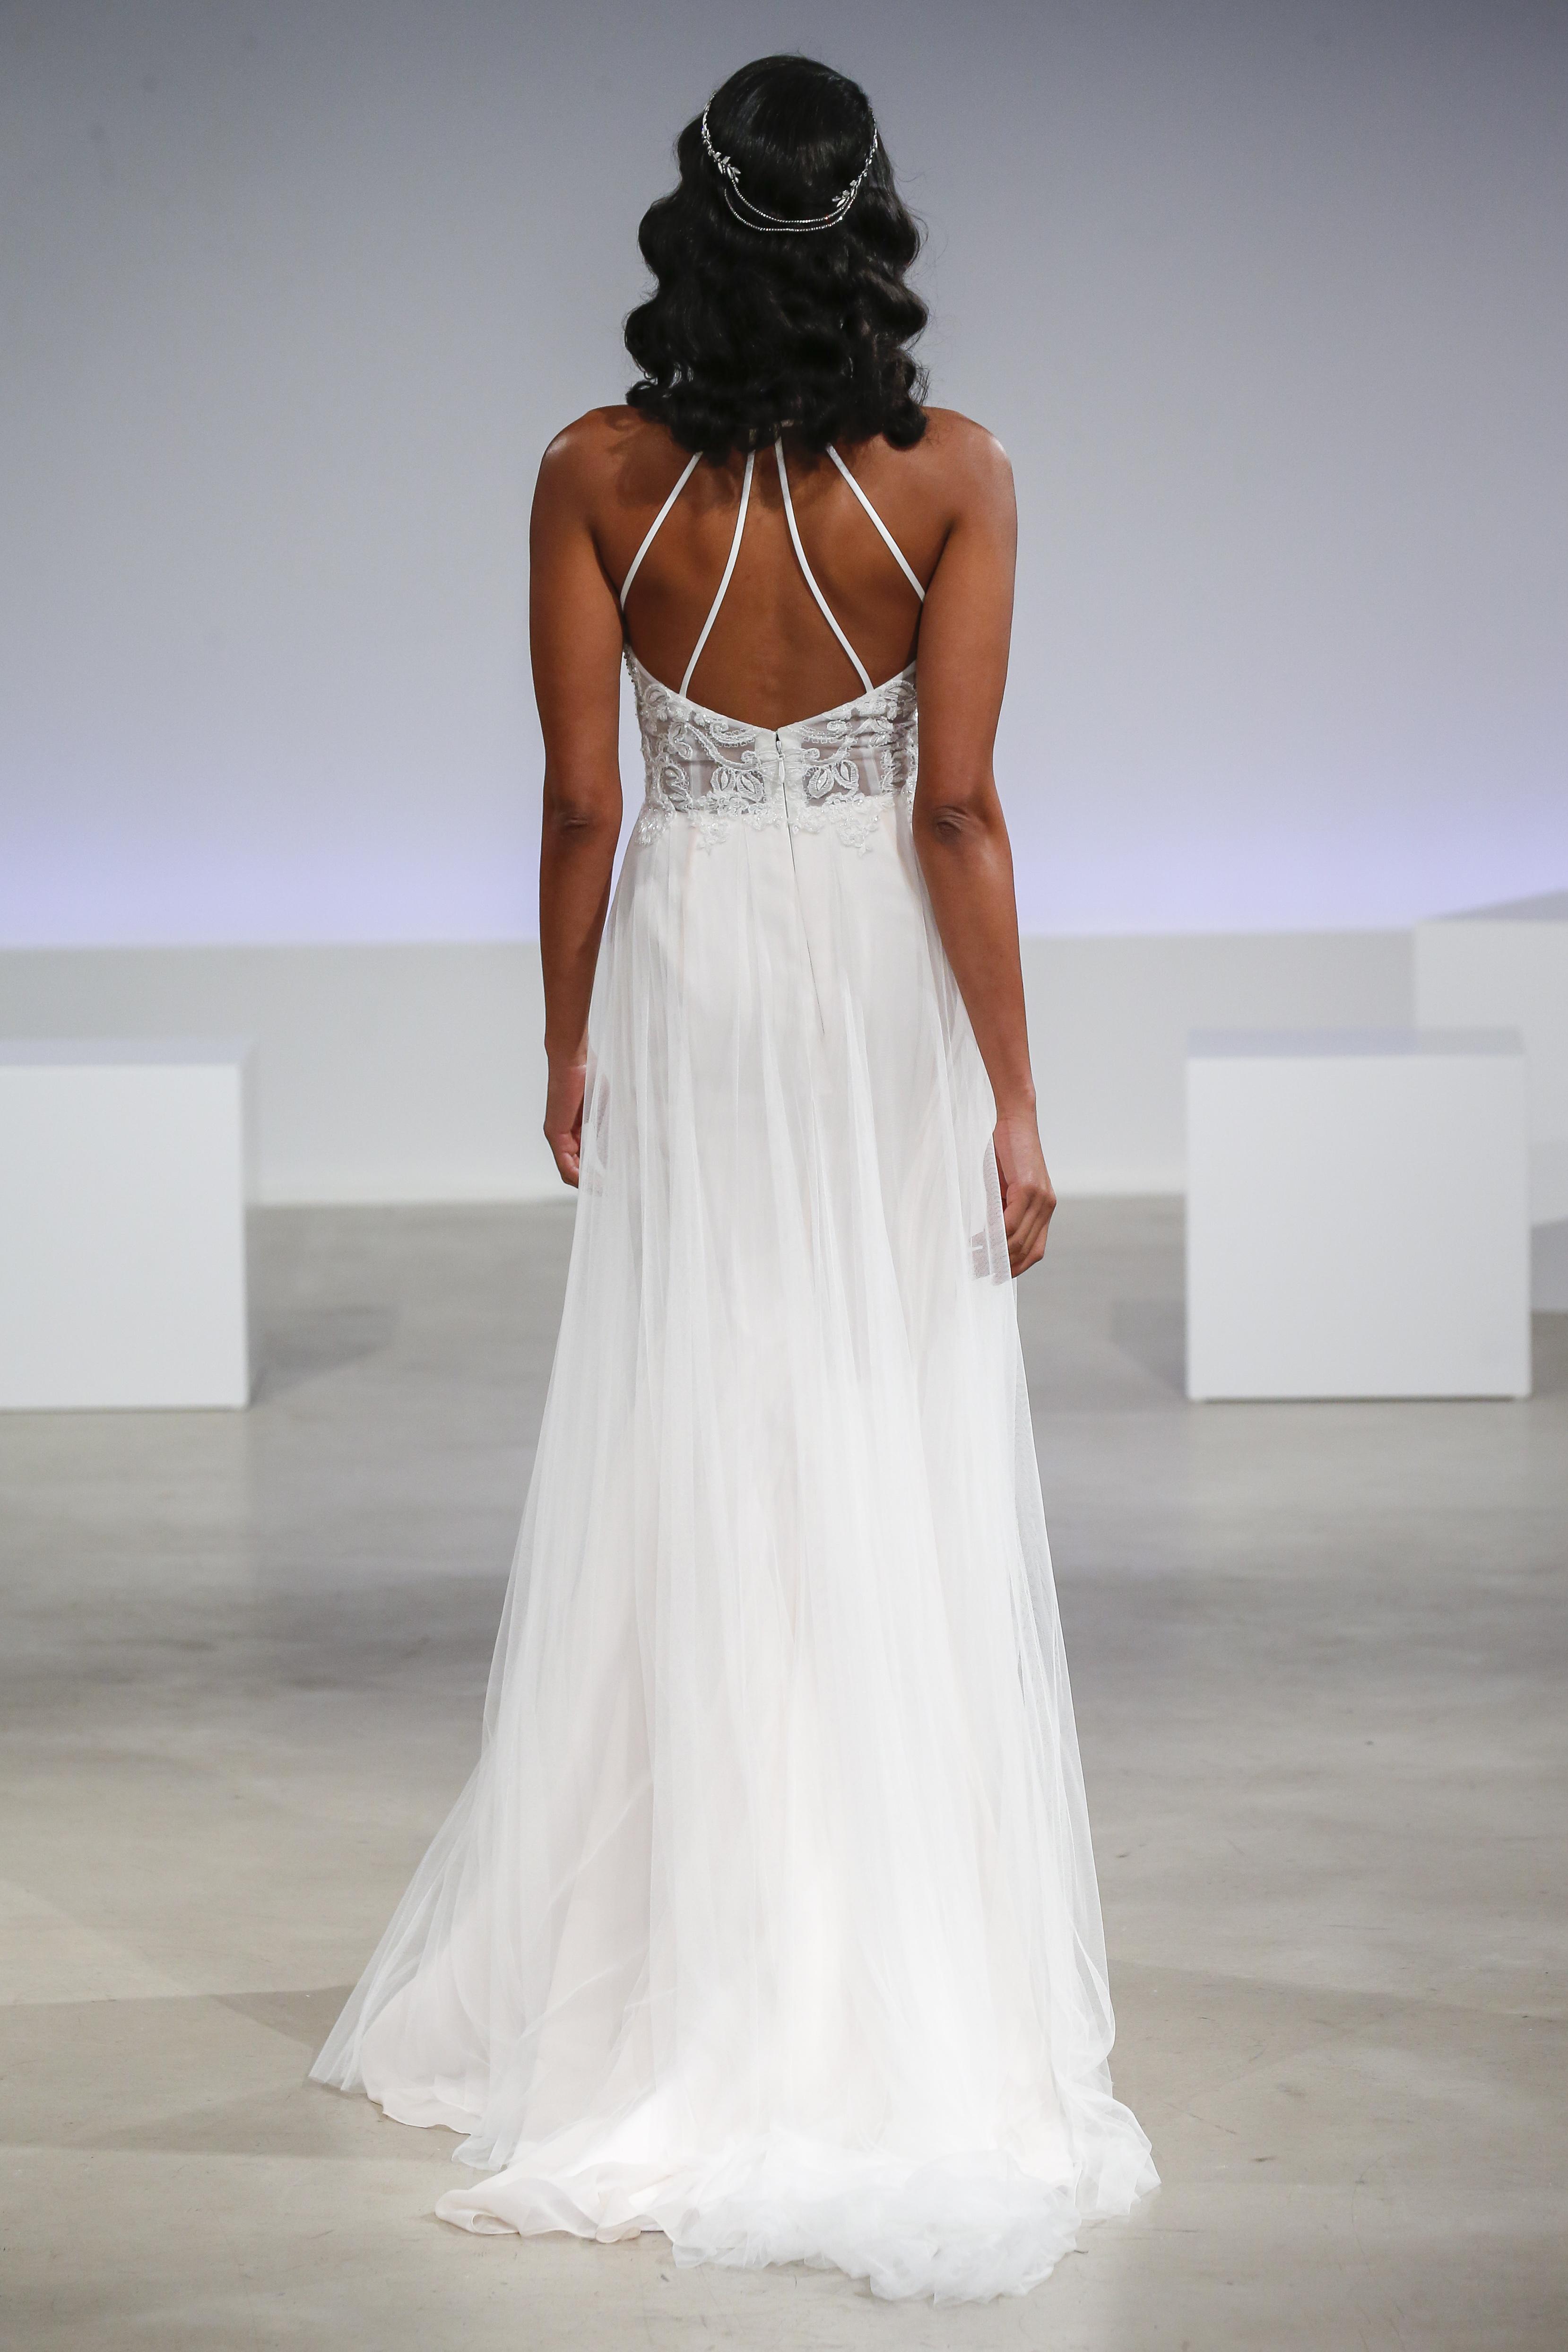 Bridal Fashion Week Hairstyles Guaranteed To Give You Major